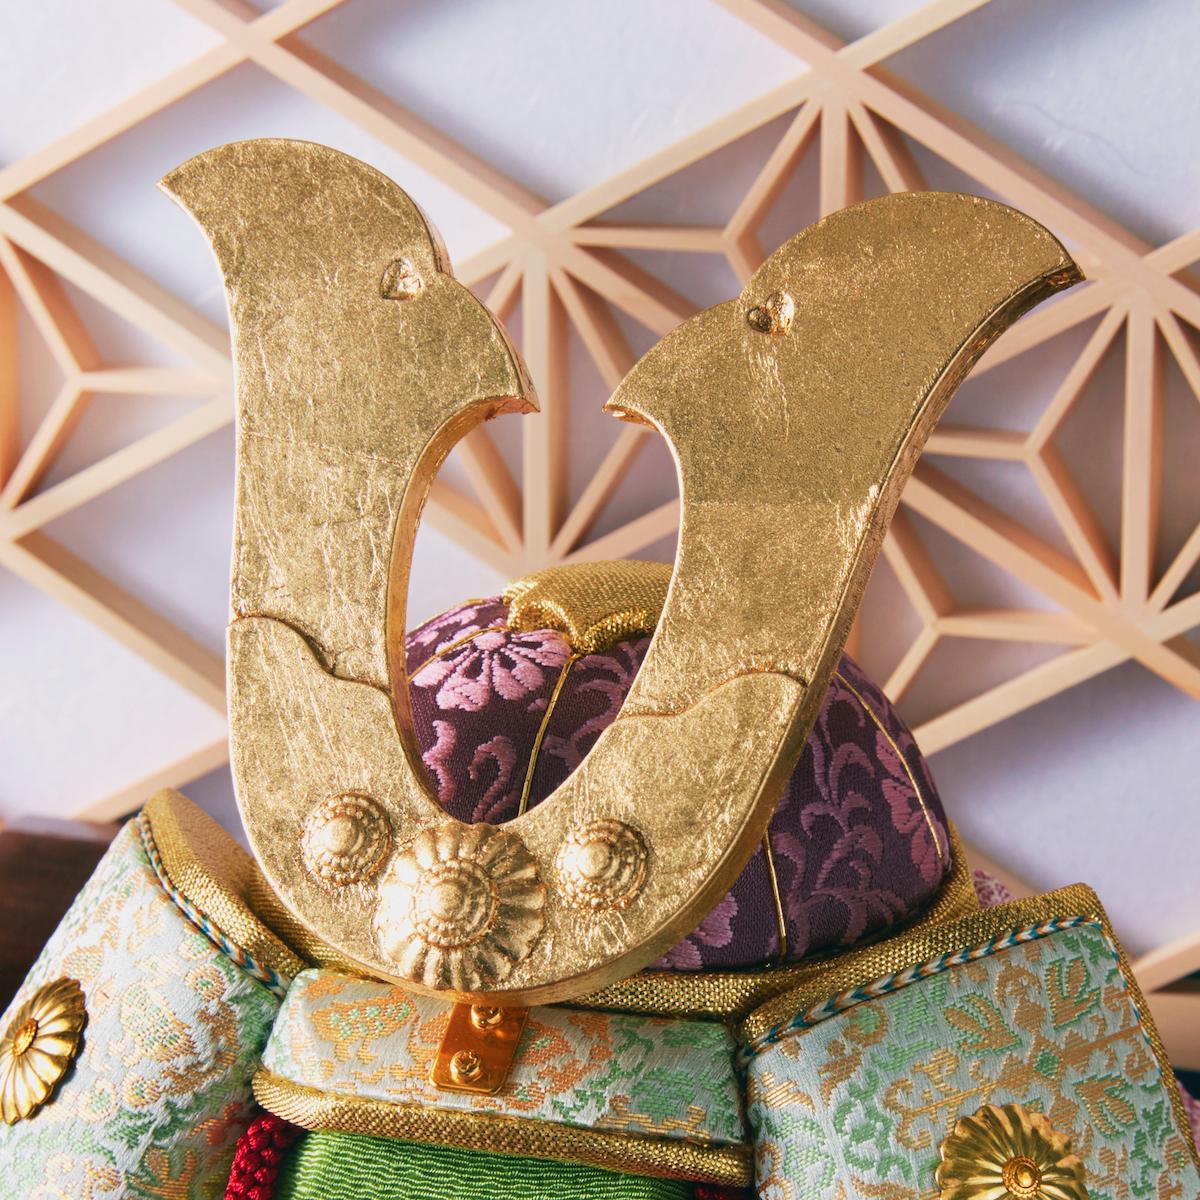 鍬形・鋲(兜):金沢箔(金箔)|次世代に伝えていきたい最高峰の日本伝統技術を結集させ、コンパクト・モダンに。リビングや玄関に飾れる「プレミアム兜飾り・五月人形」